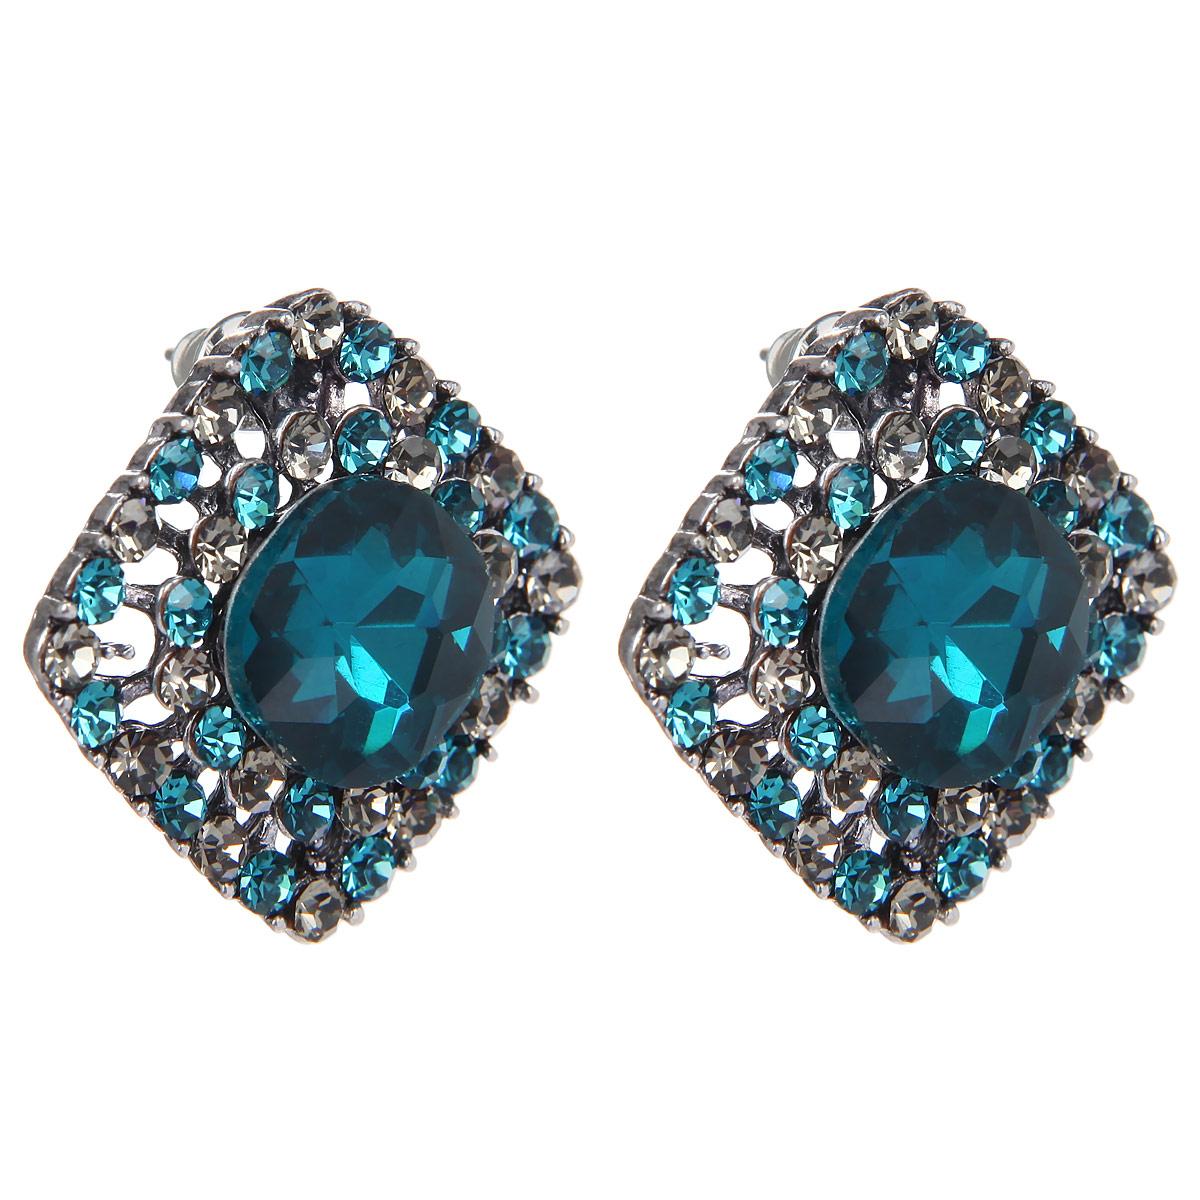 Серьги Taya, цвет: темно-синий, серый. T-B-9087T-B-9087-EARR-D.BLUEОригинальные серьги модного дизайна создают яркий и запоминающийся образ.